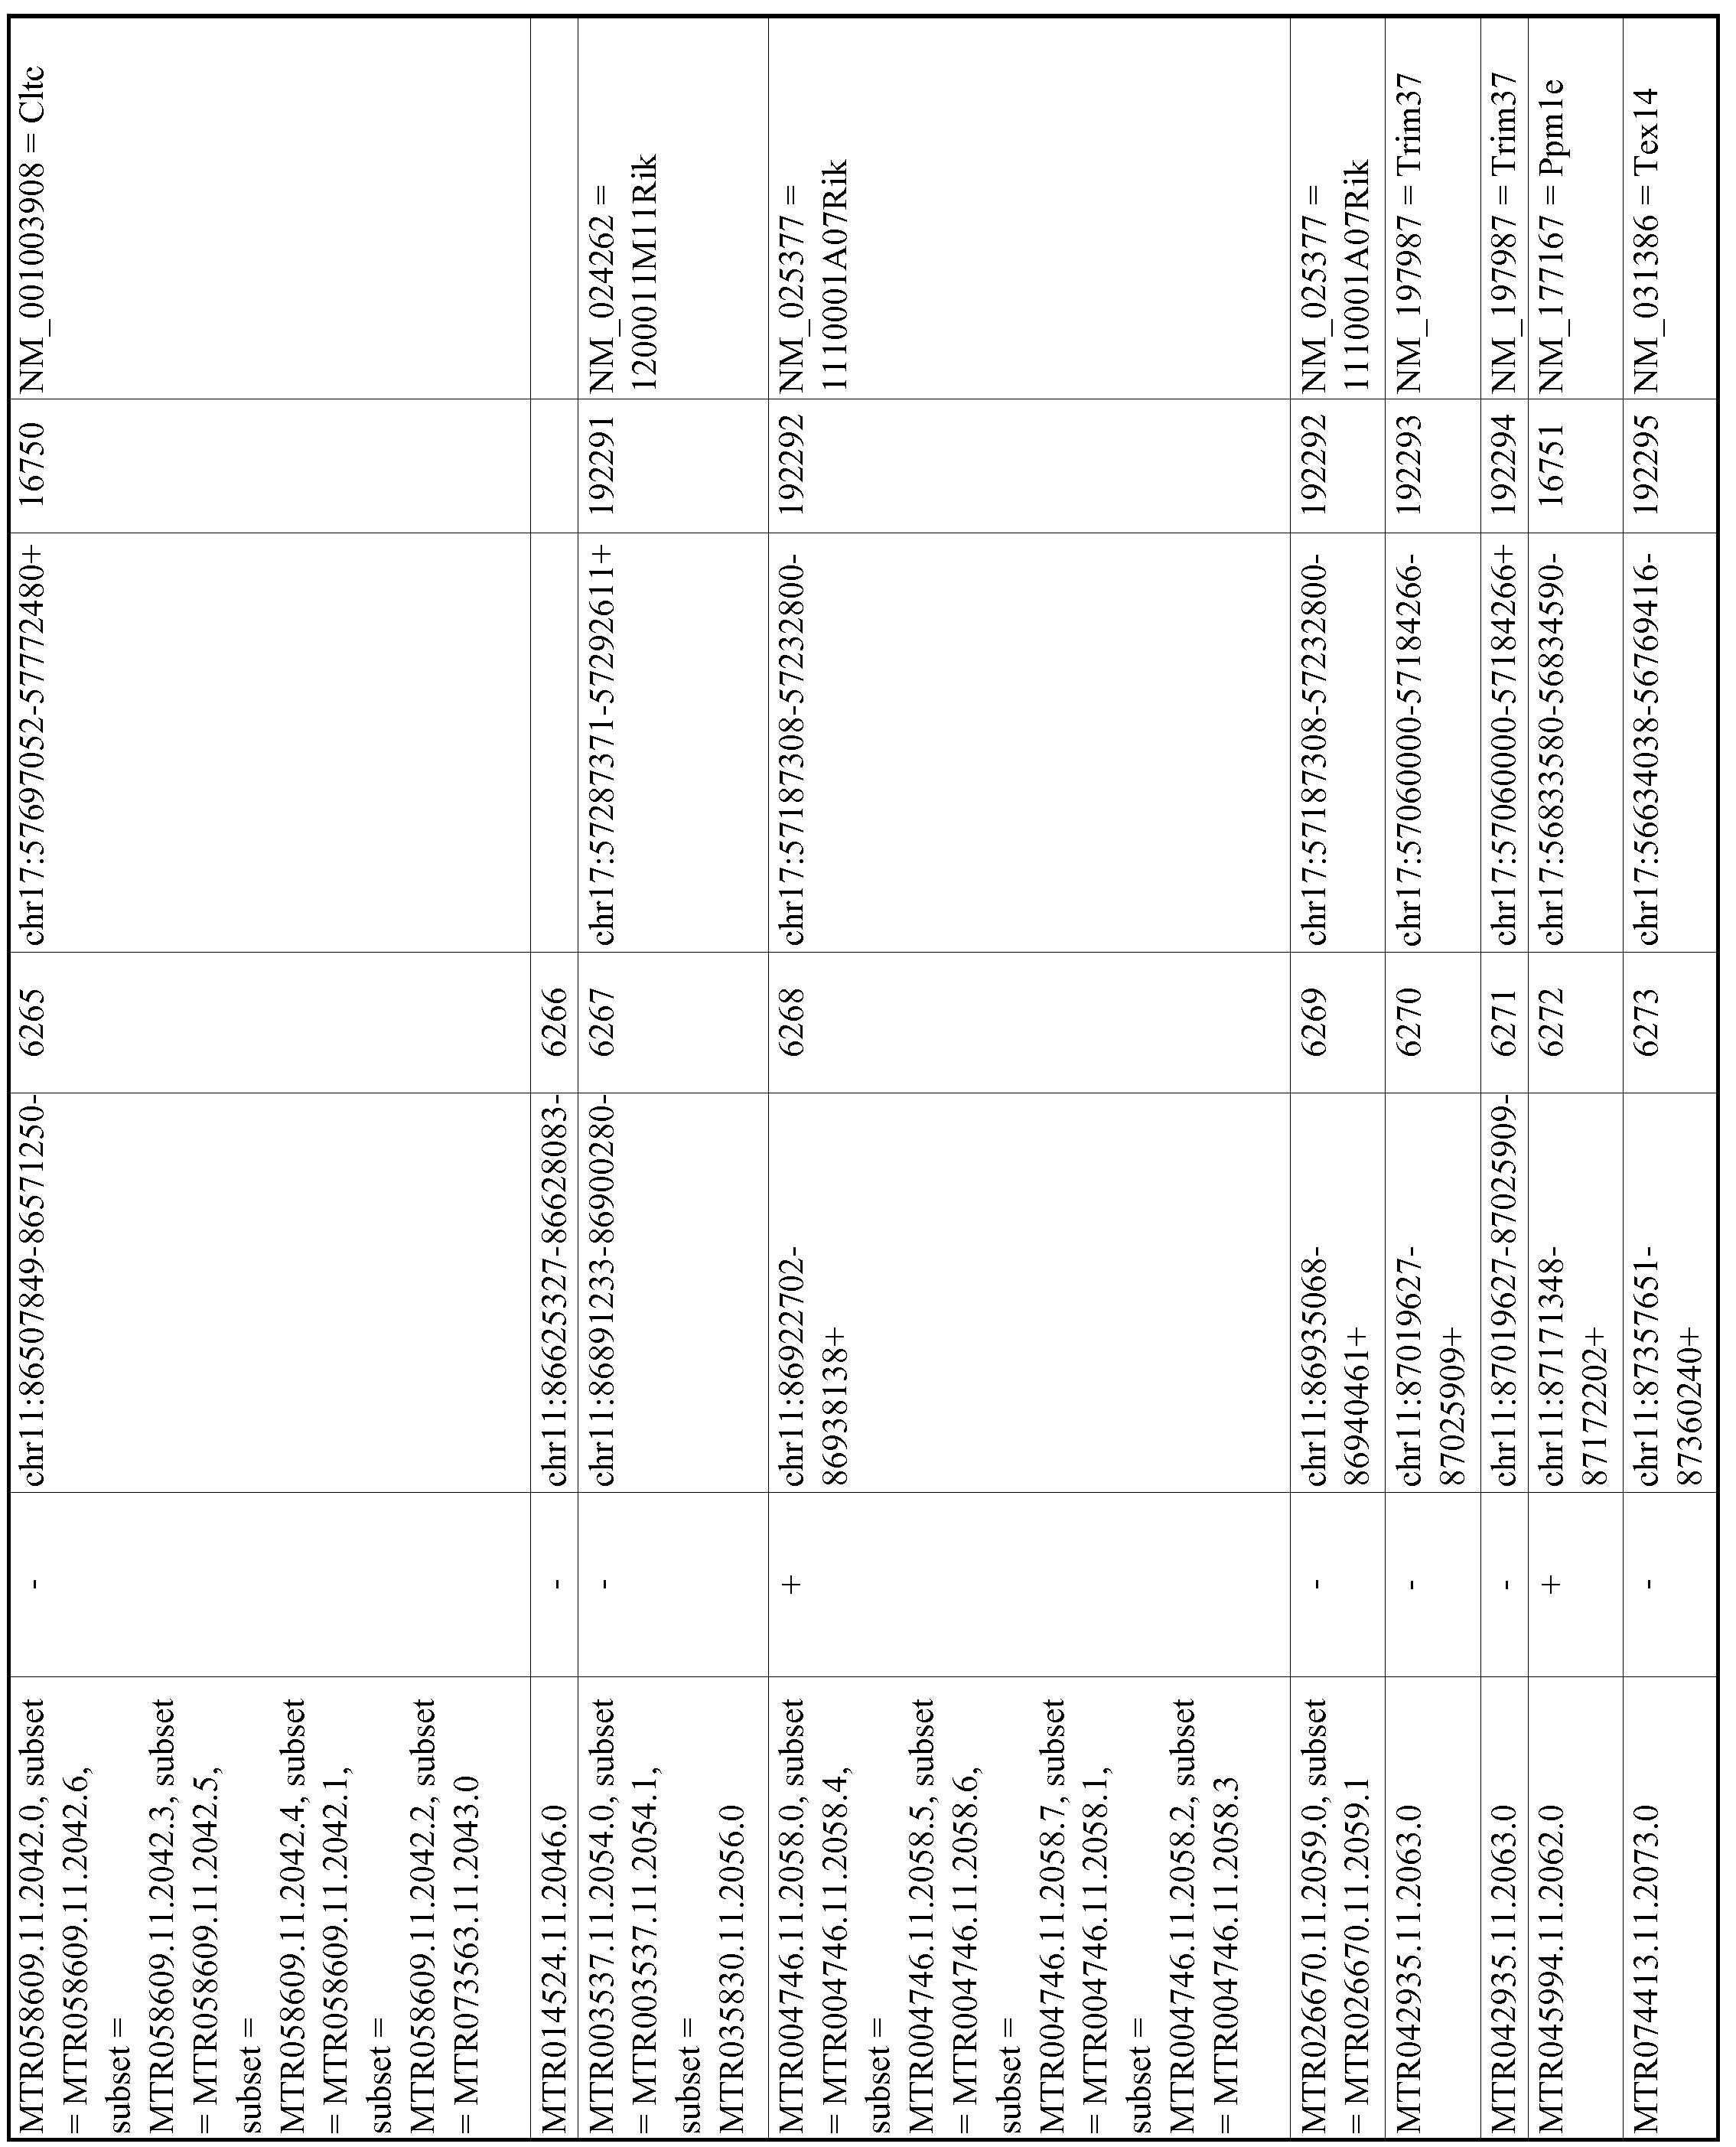 Figure imgf001127_0001